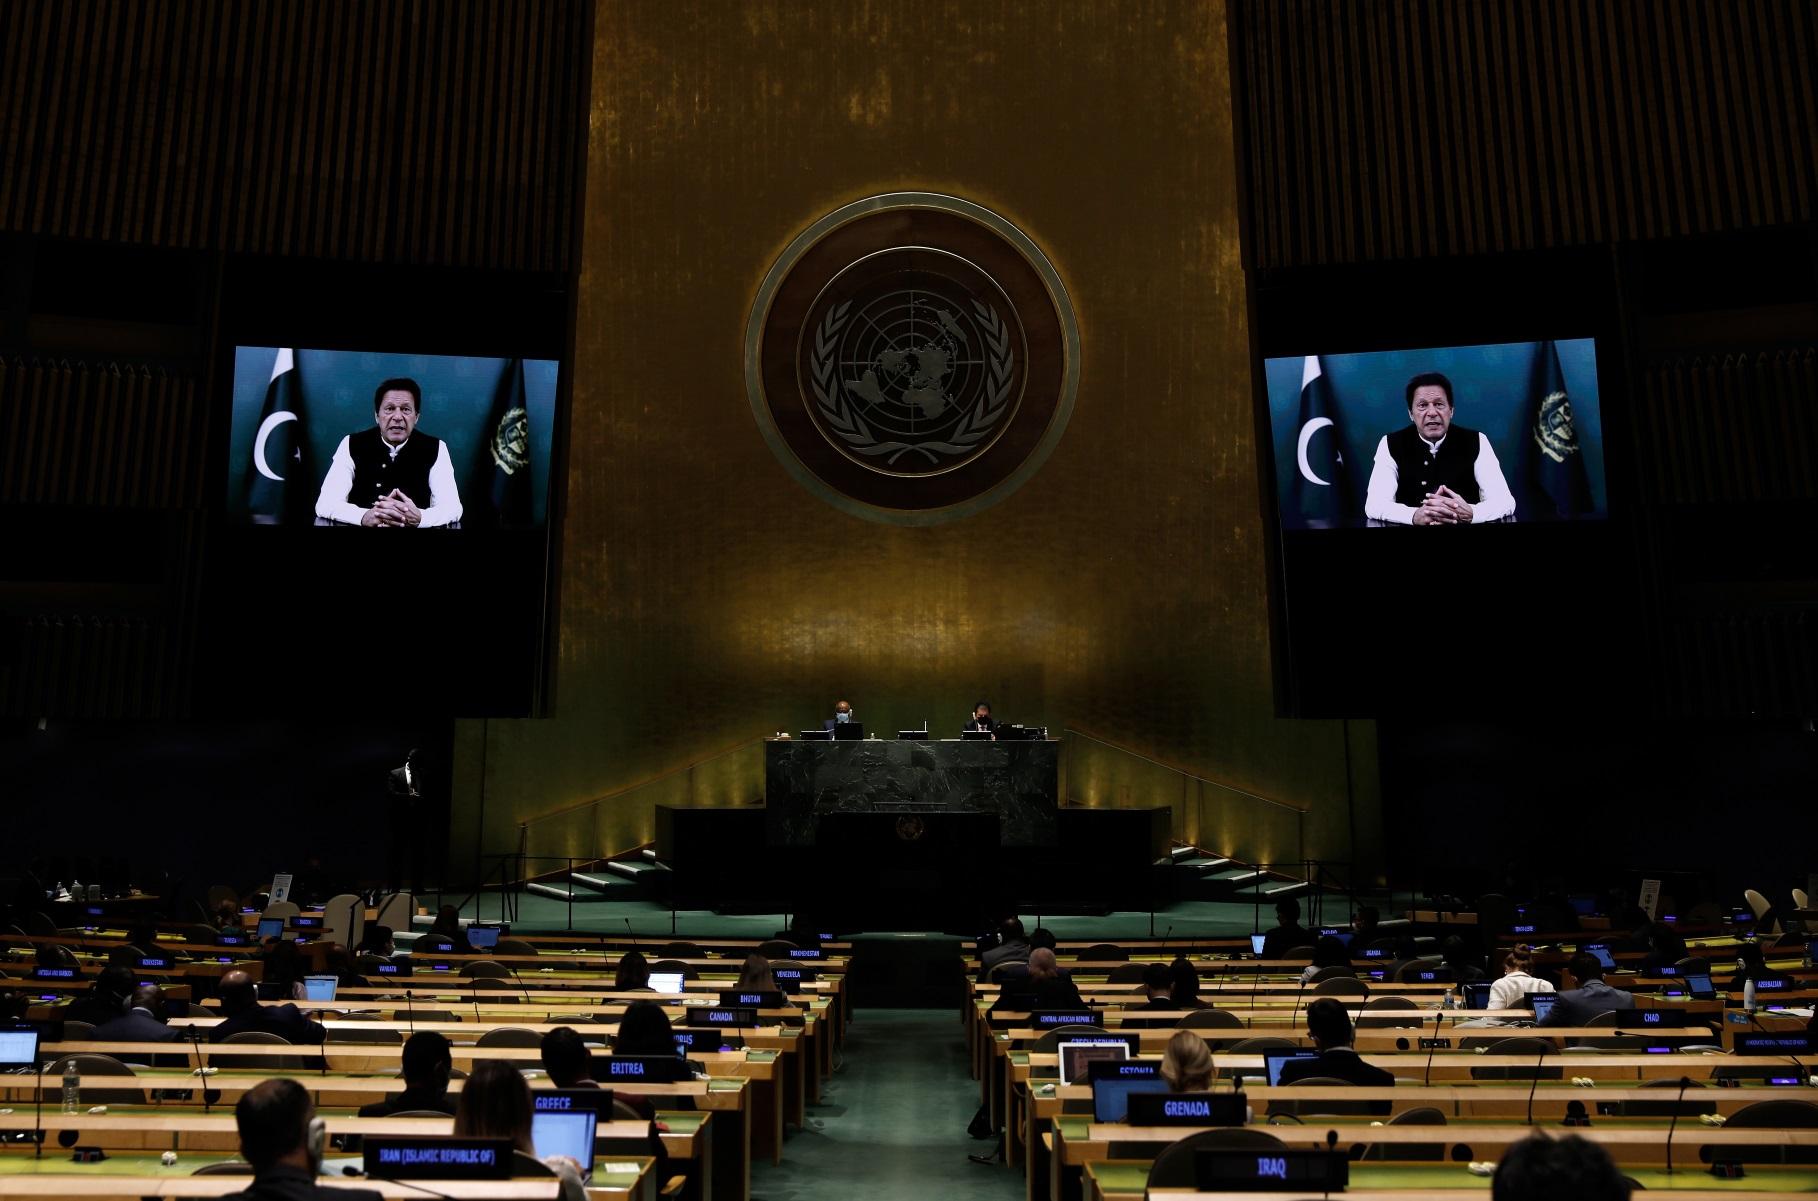 Γενική Συνέλευση ΟΗΕ: Ισλαμαμπάντ και Νέο Δελχί ανταλλάσσουν πυρά για εξτρεμισμό